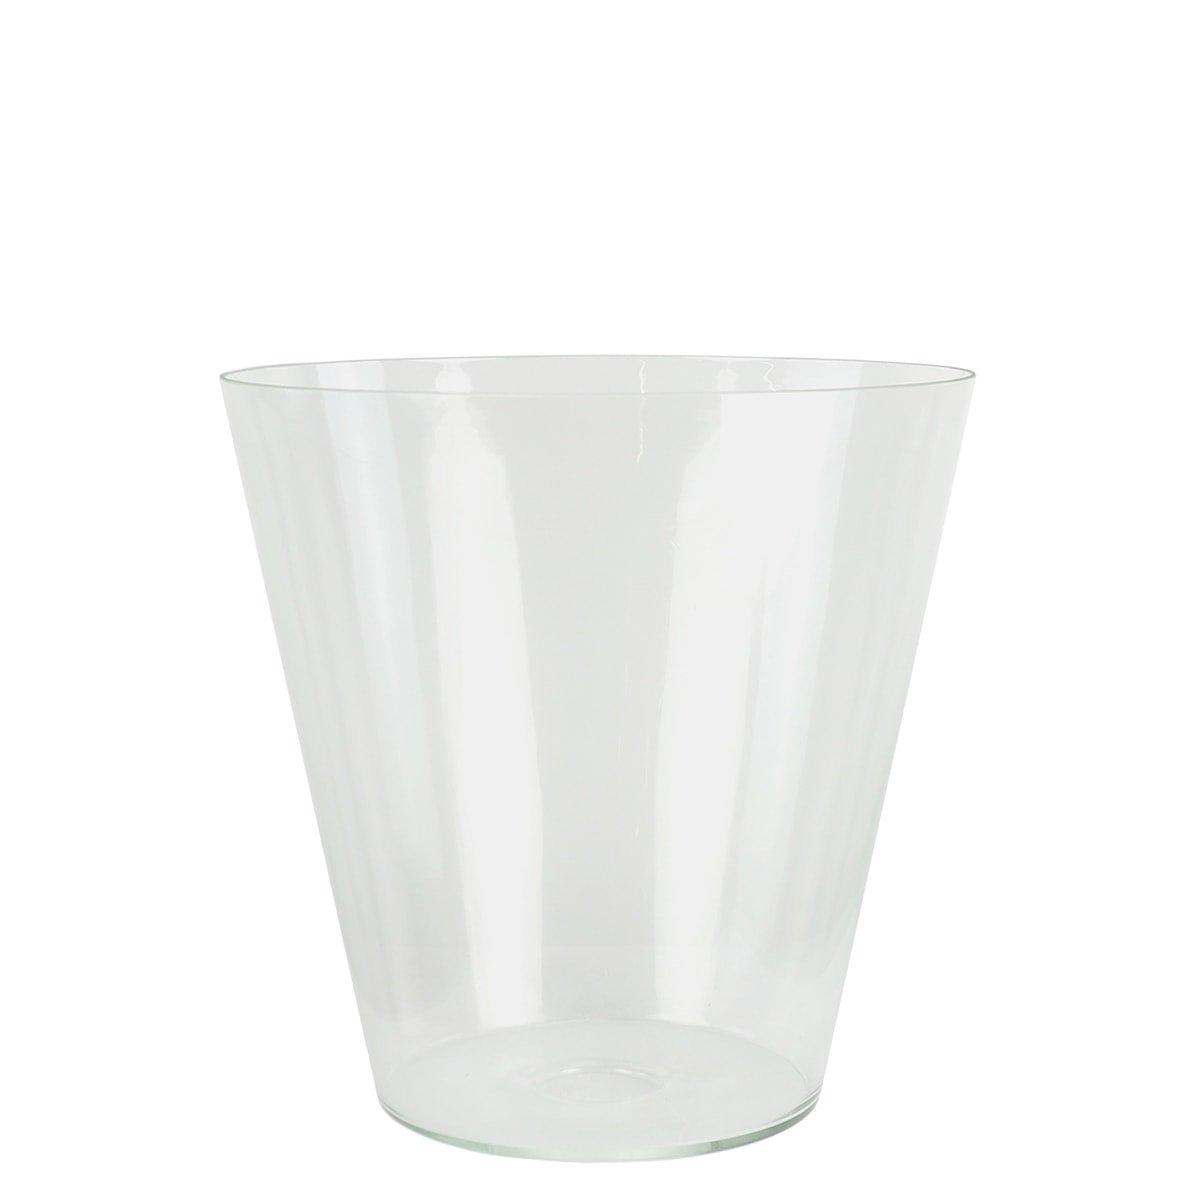 Outdoor lighting Classic Rural Plastic light cup K07 - 21.5 cm